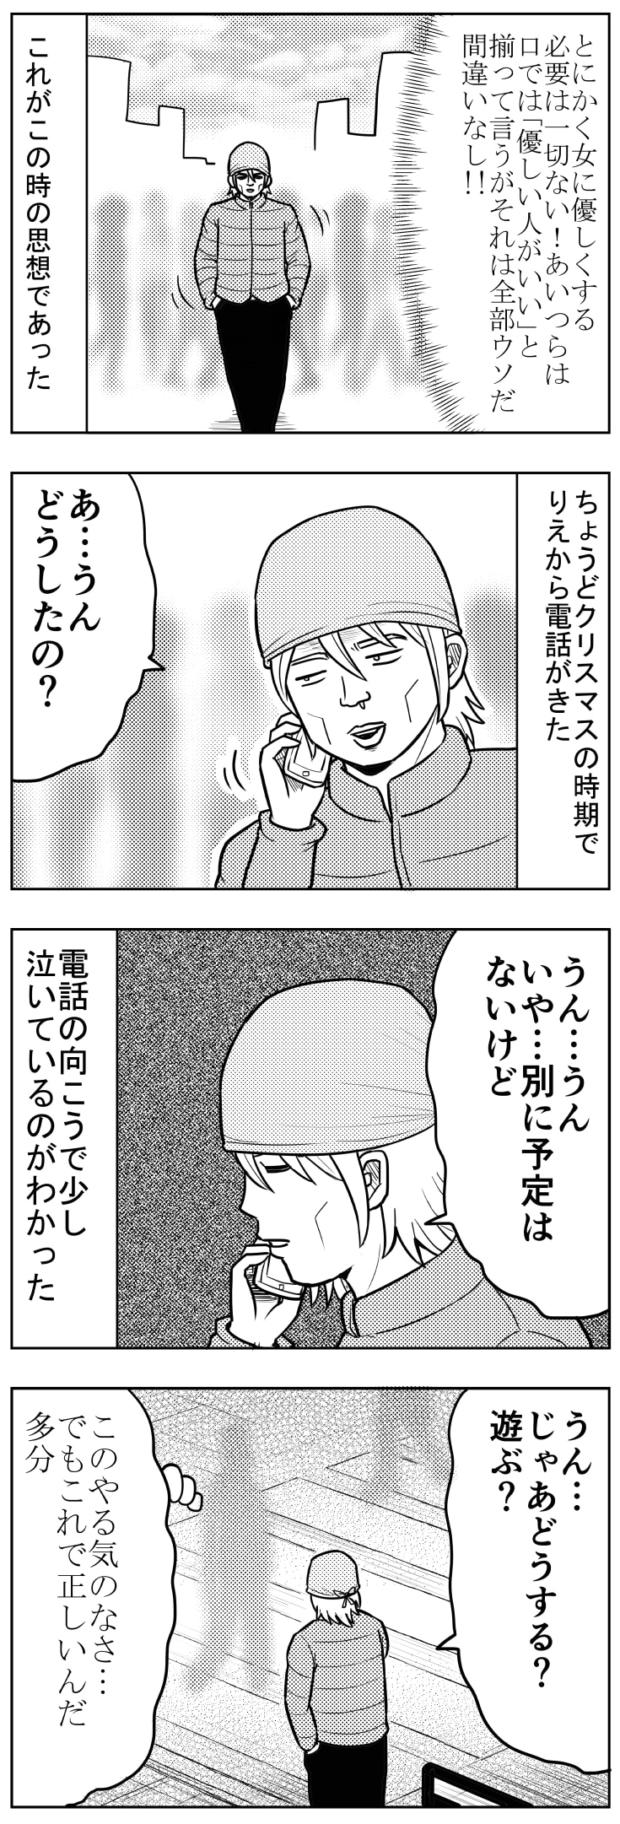 当時の思想【漫画~キヒロの青春】65